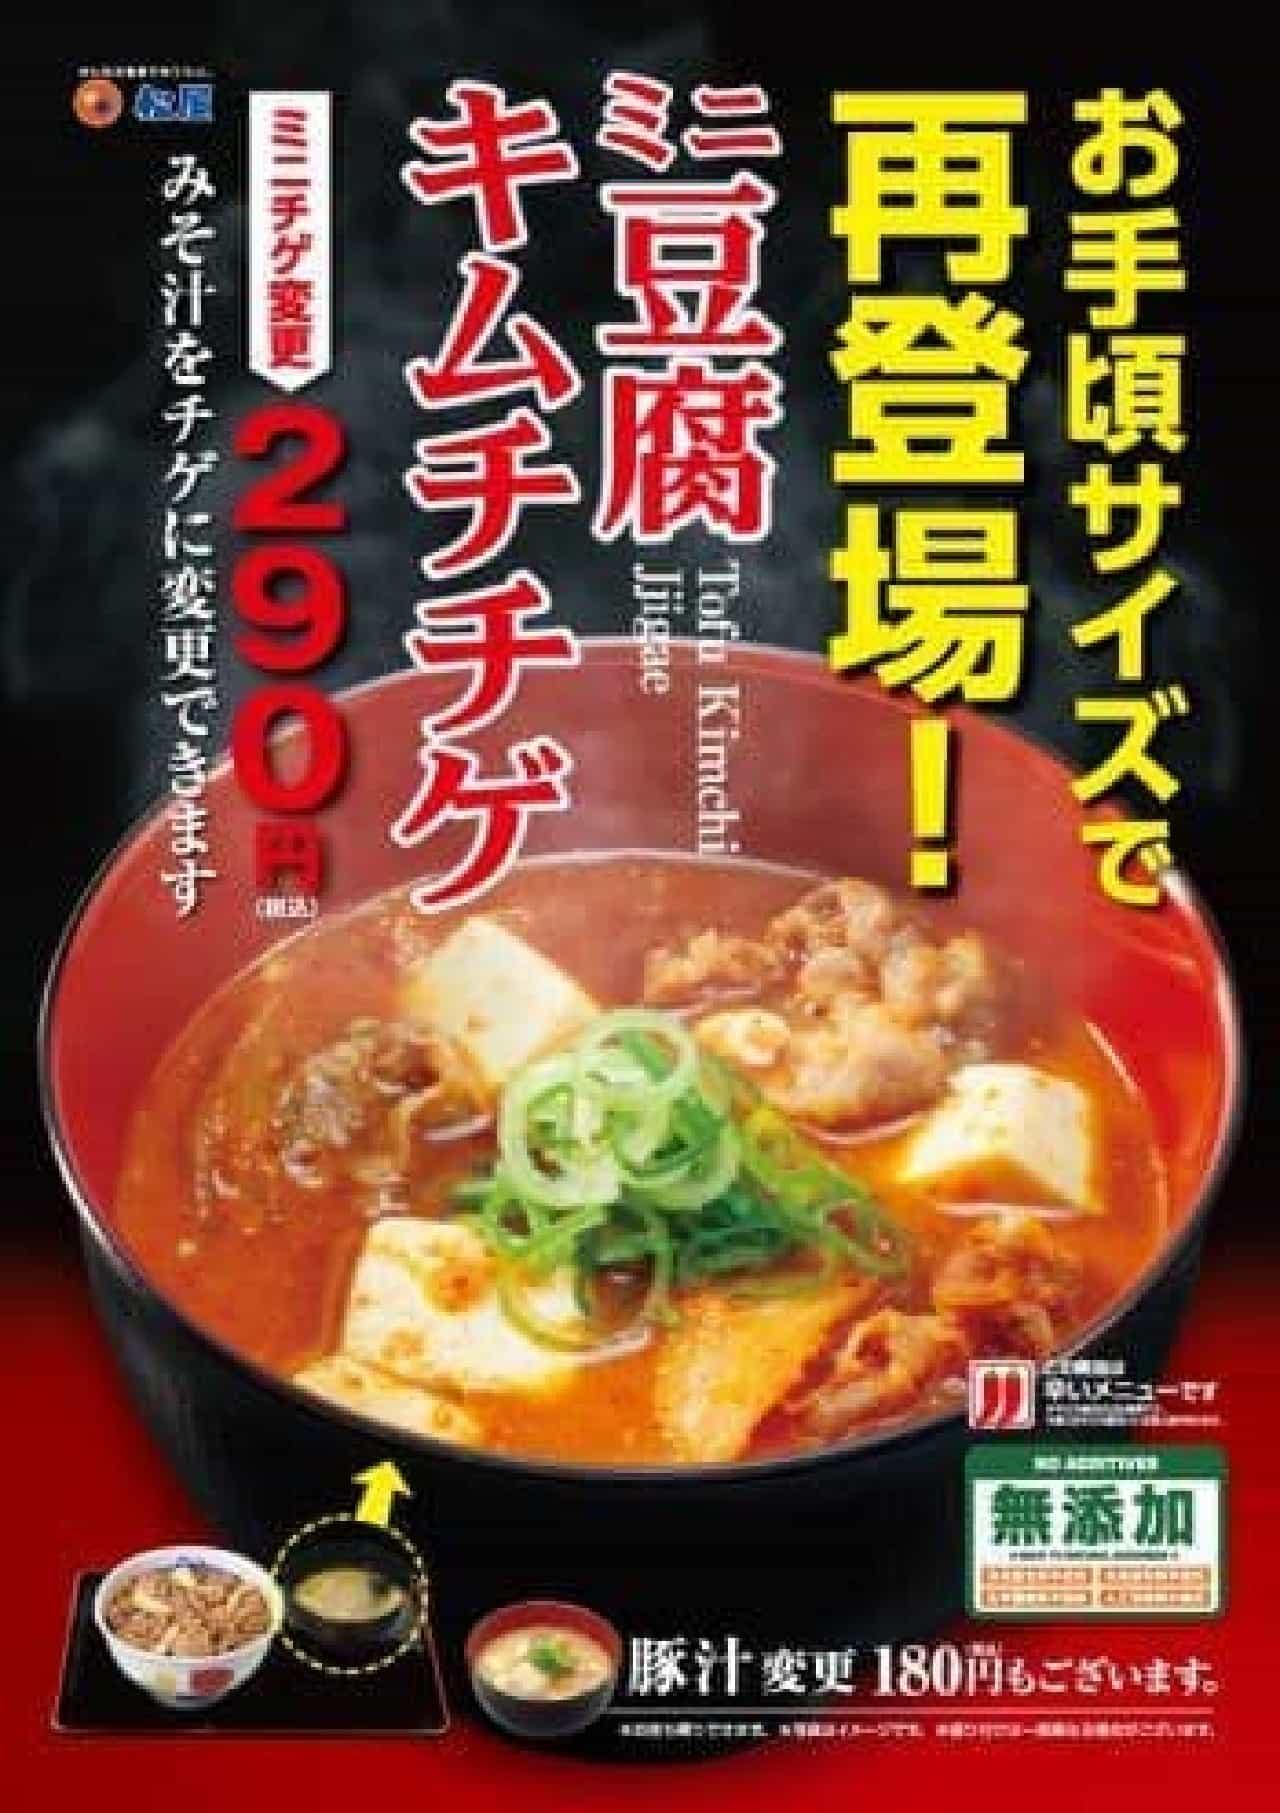 松屋「ミニ豆腐キムチチゲ」